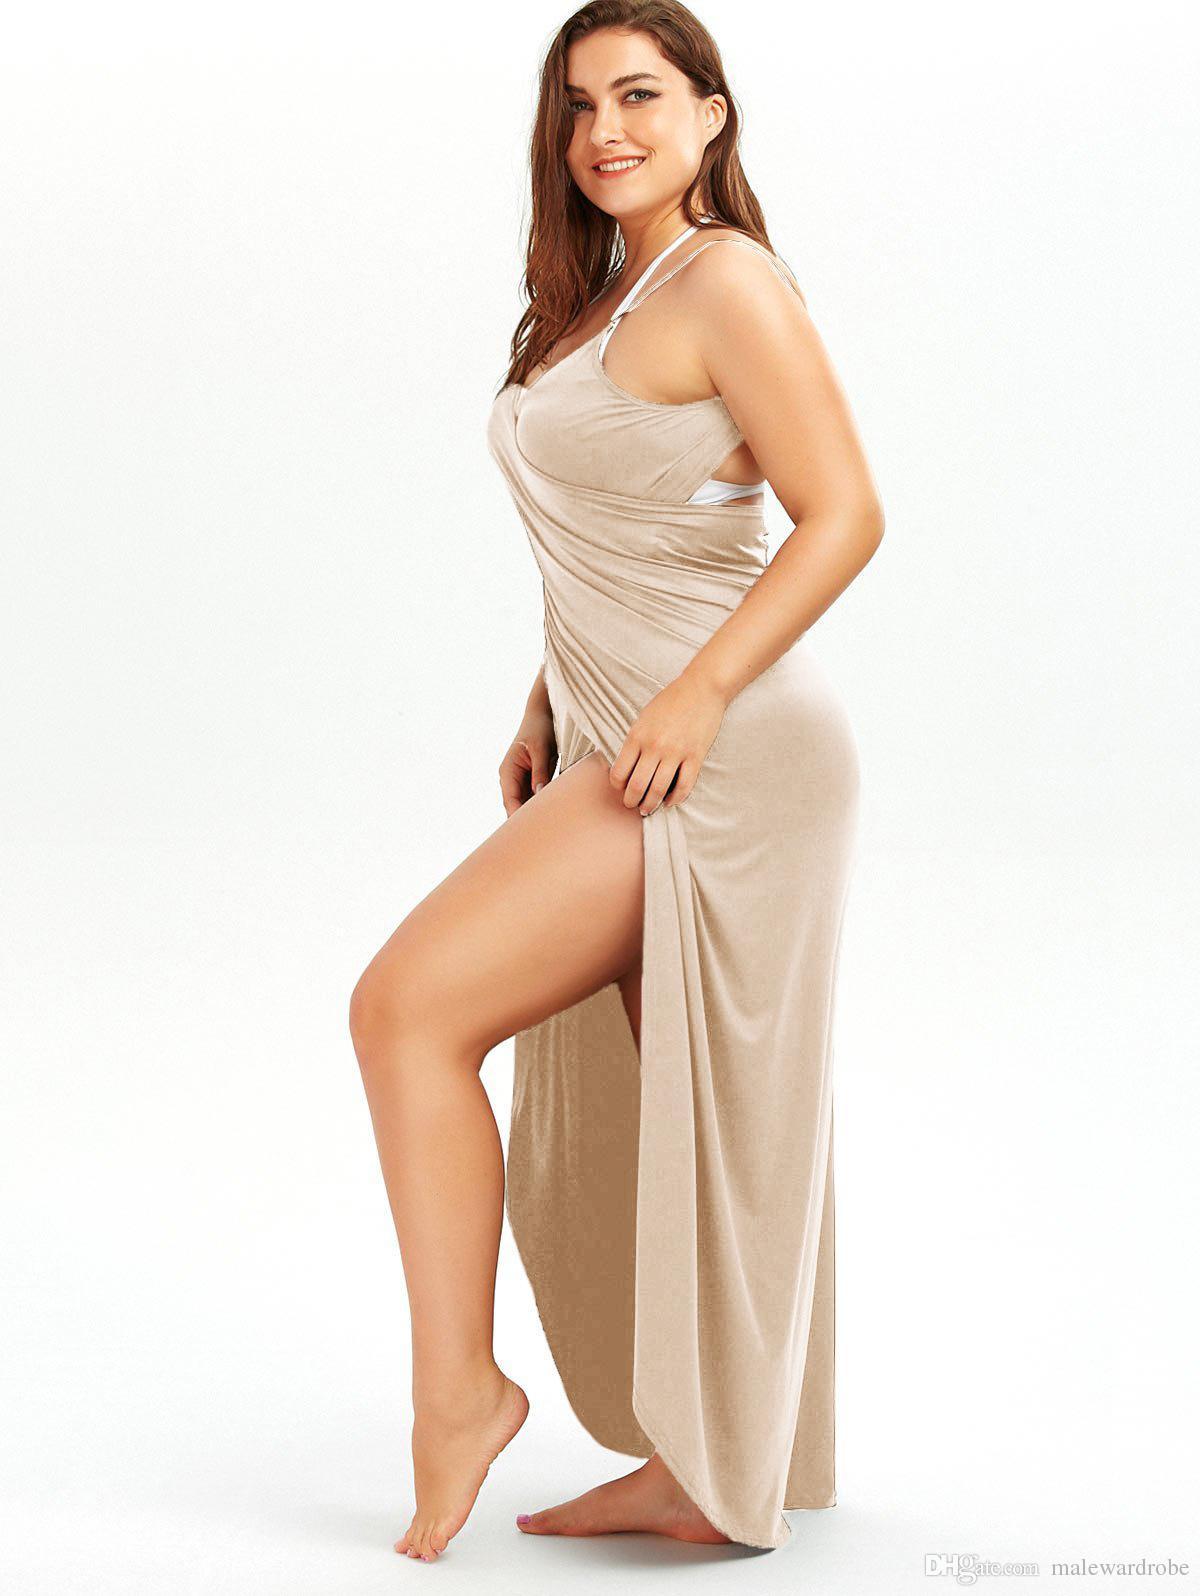 الشاطئ زائد حجم التستر لباس المرأة حمالة الصلبة فساتين طويلة أكمام عارية الذراعين الصيف عطلة أكبر حجم الملابس الملابس الحلوى